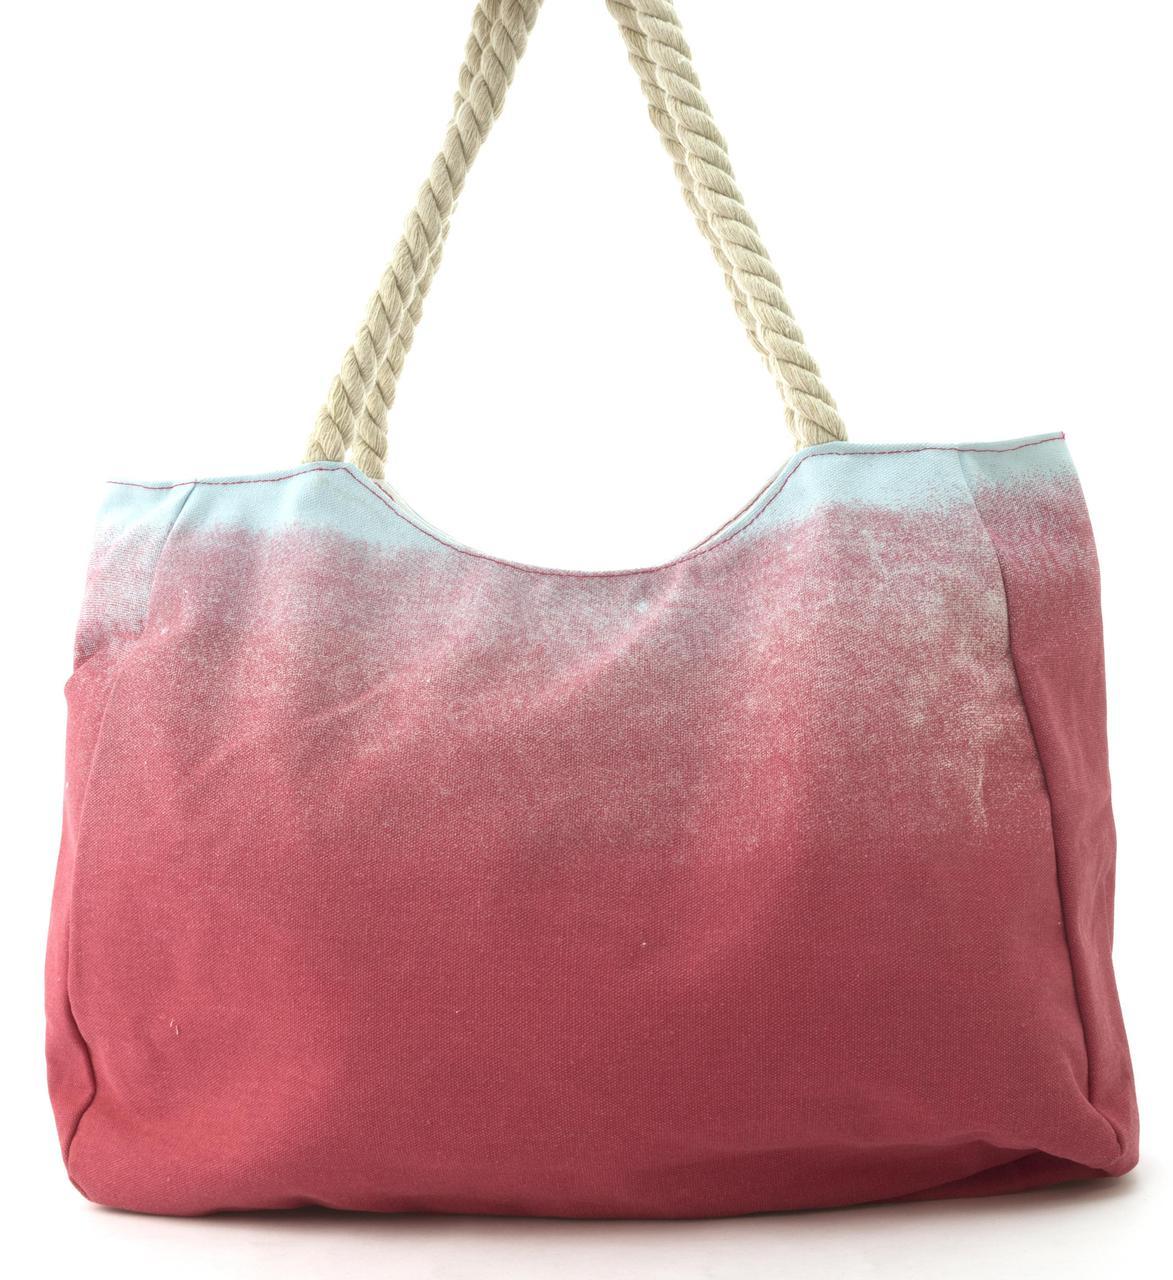 c6577d835da0 ... фото Прочная вместительная женская пляжная сумка art. 752 (101666)  розовая с совой, ...